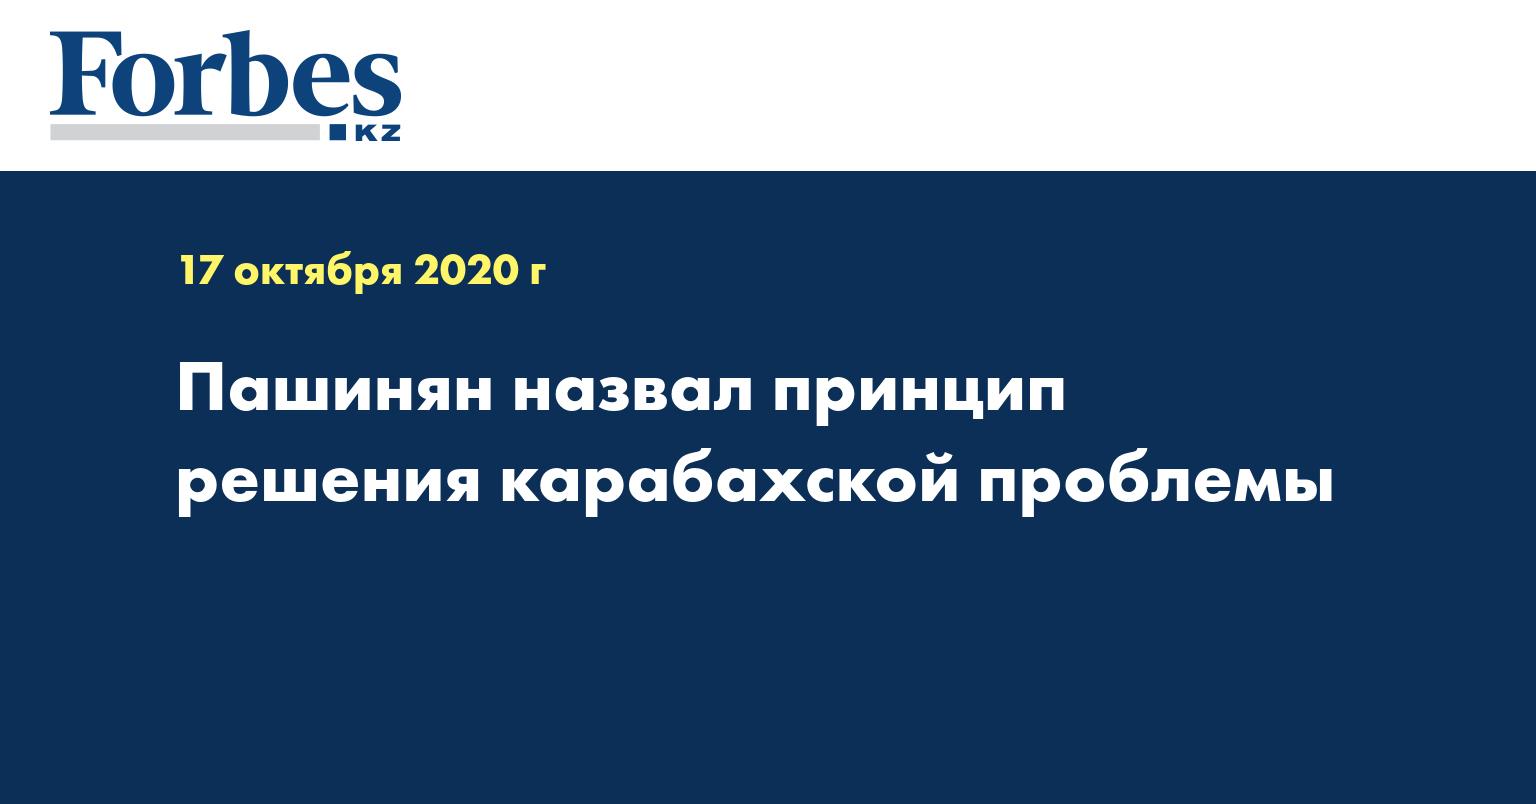 Пашинян назвал принцип решения карабахской проблемы